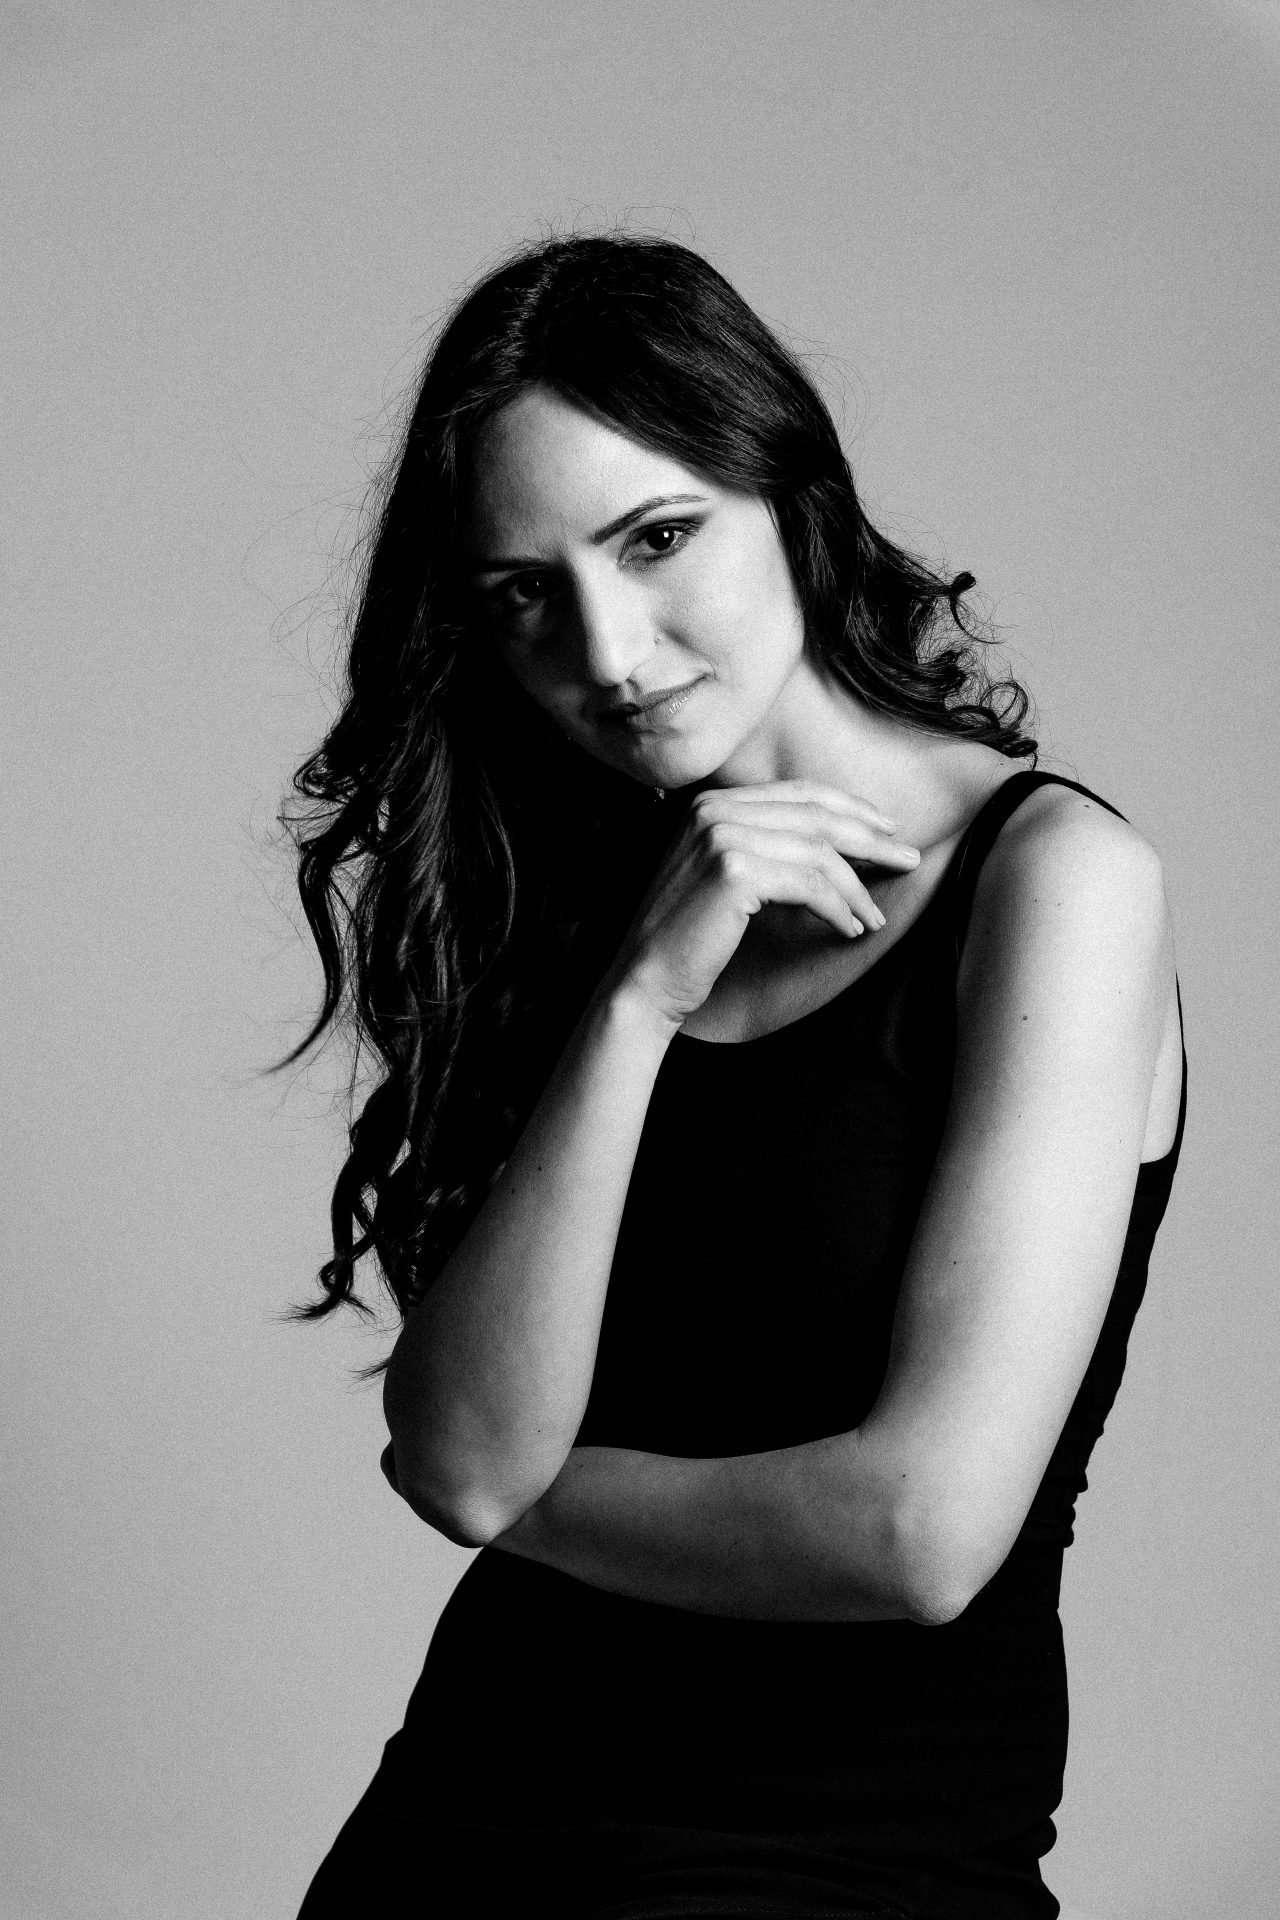 Fotografia bianco e nero Napoli Portrait di Barbara Trincone Fotografo ritrattista professionista, esegue servizi di creazione ed ampliamento book per modelle/i e attori